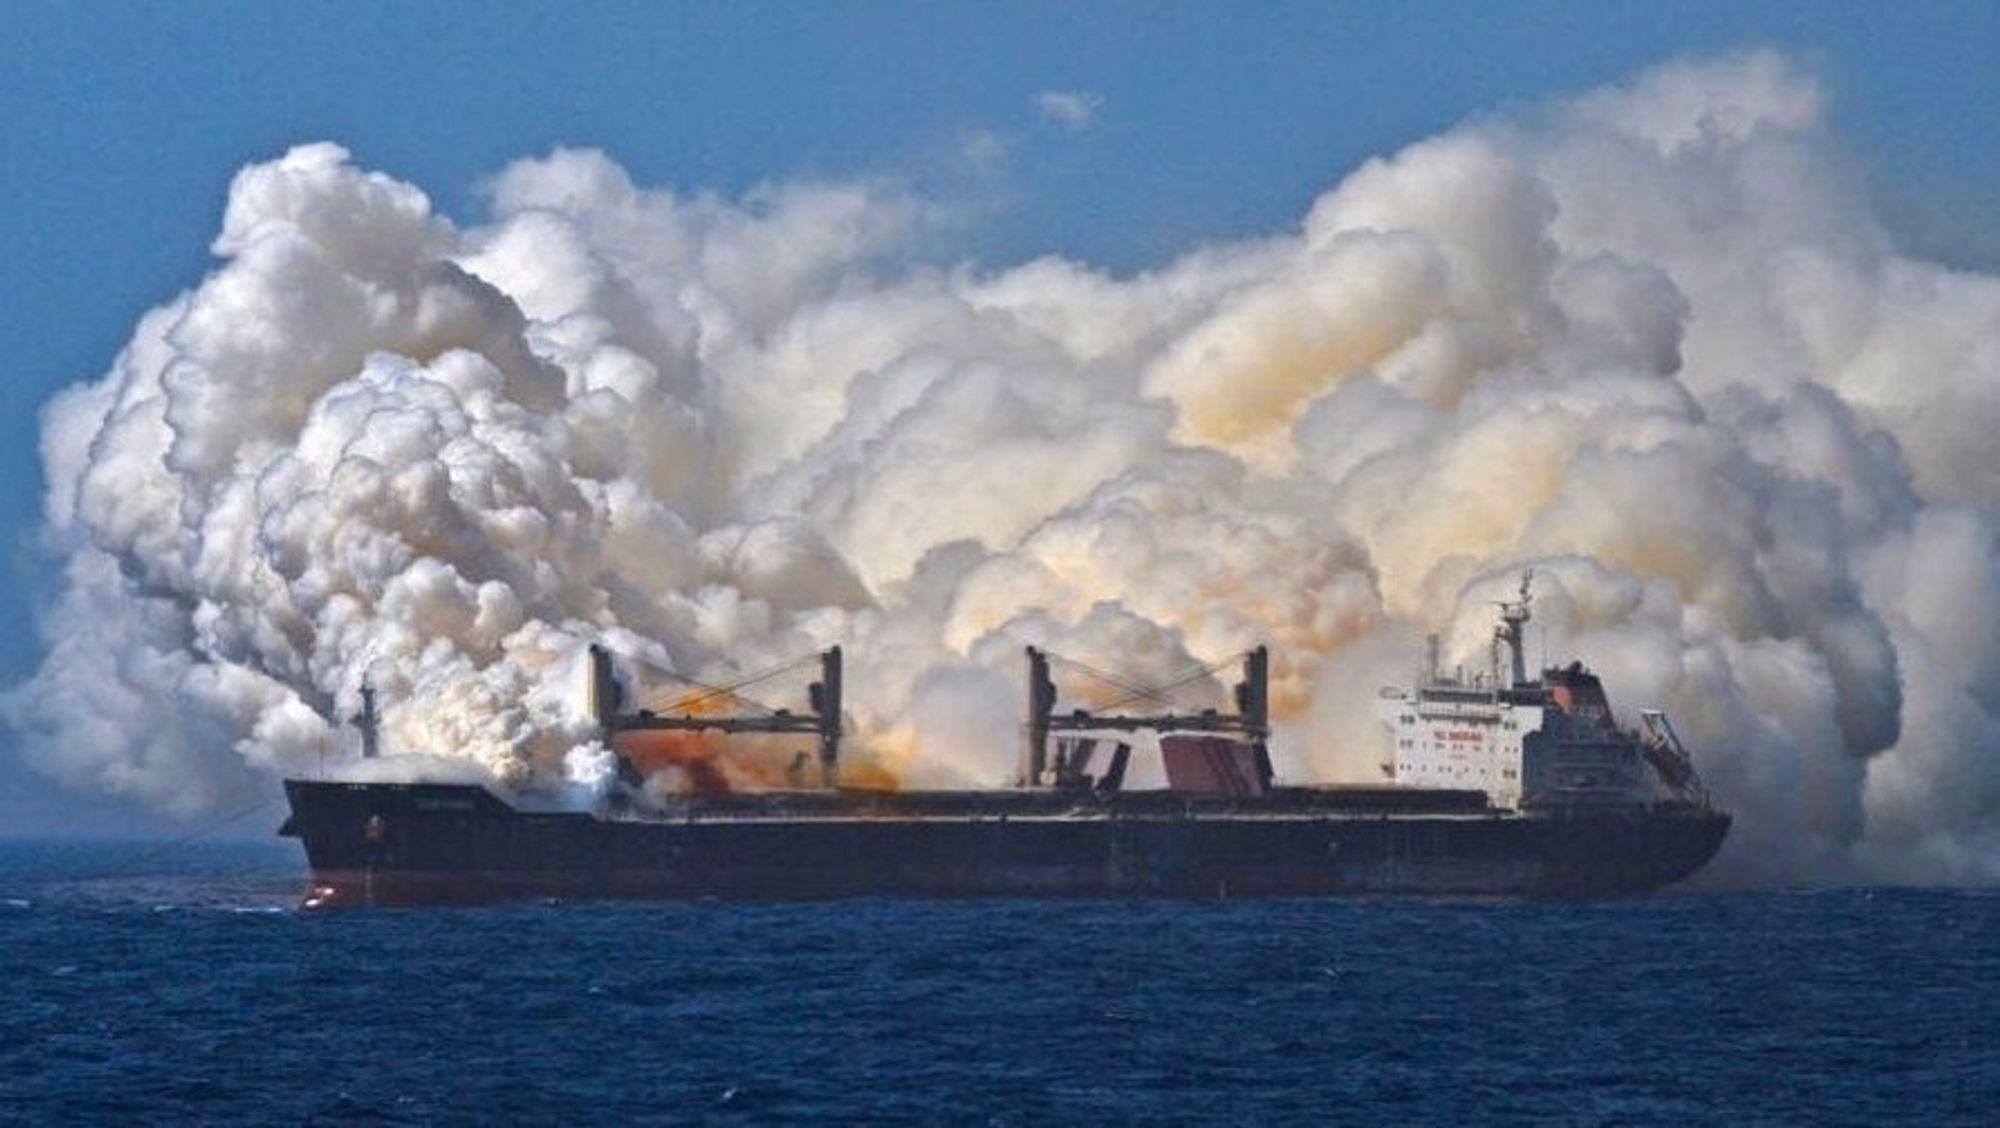 Det tok over to uker før den giftige røyken sluttet å strømme ut fra MV Cheshire.